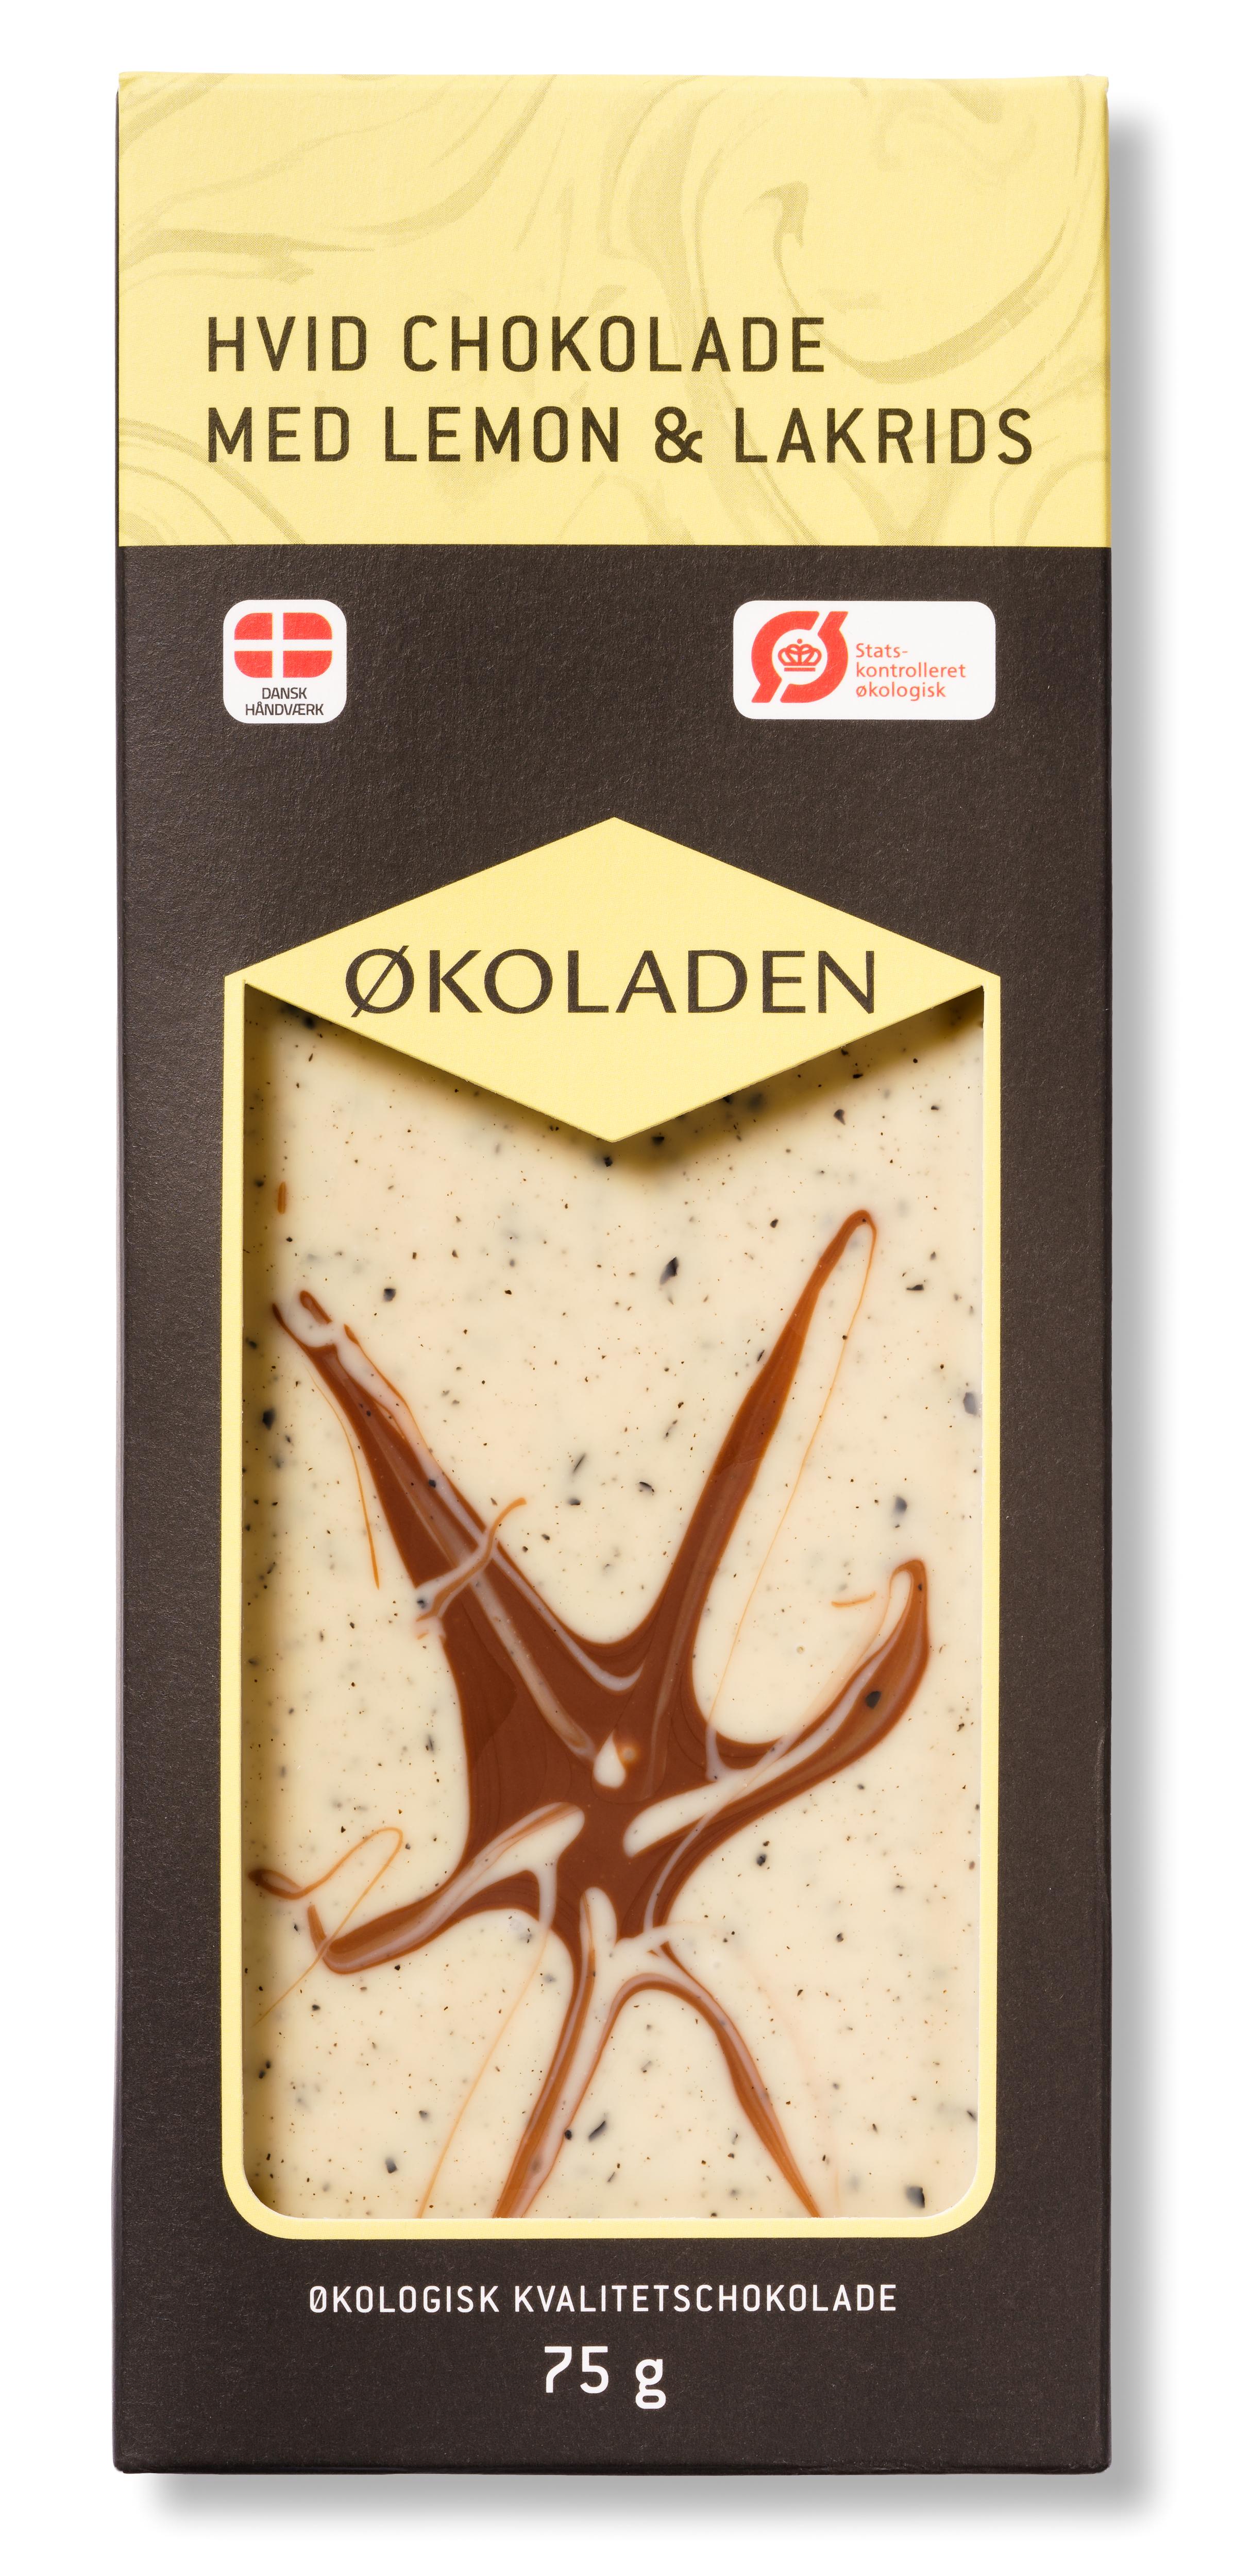 Billede af Økoladen Chokolade hvid lemon/lakrids Ø - 75 G